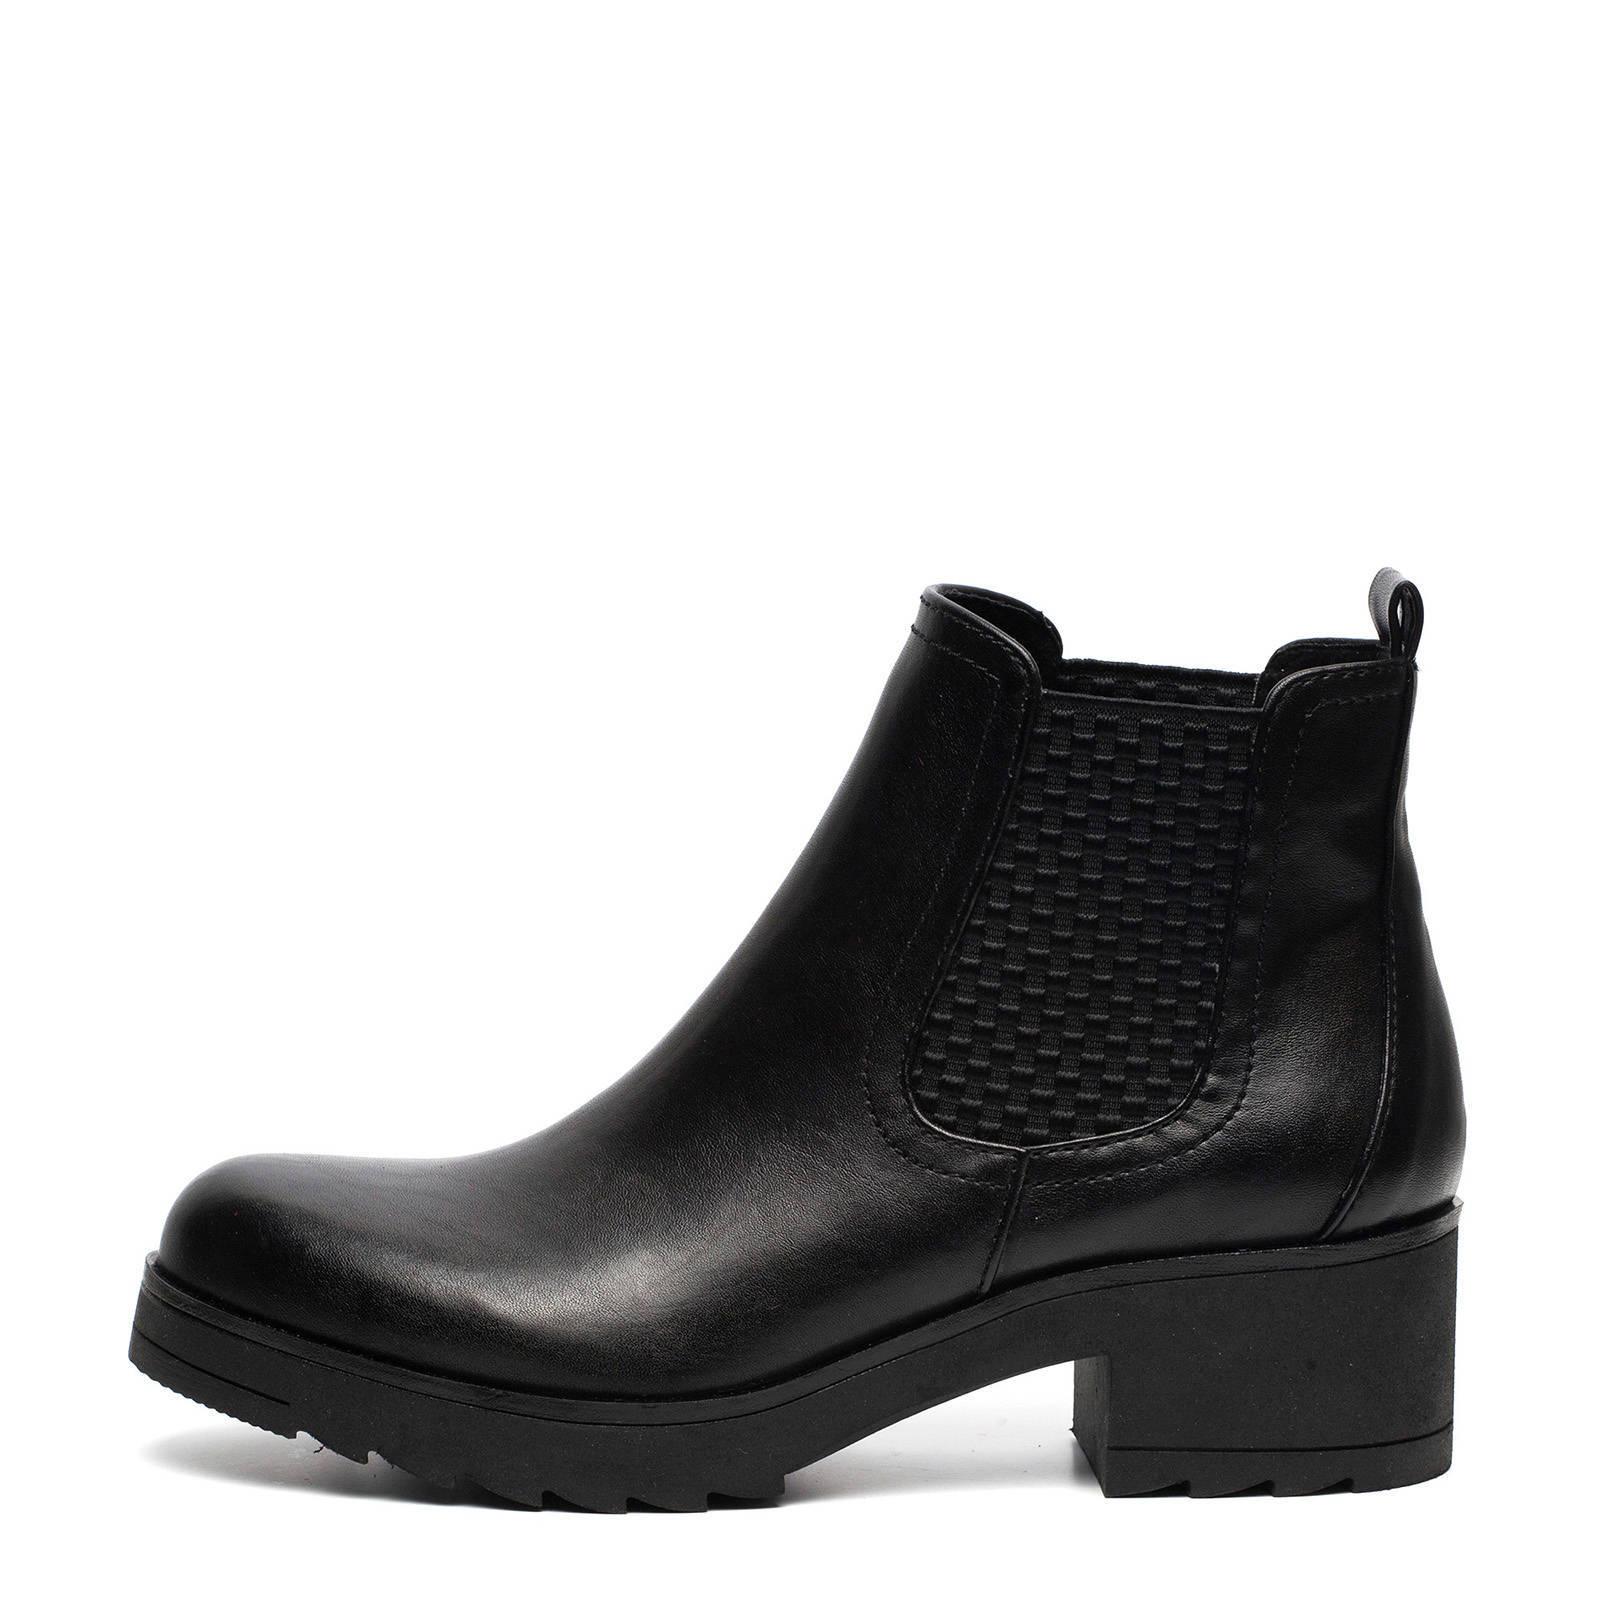 7defa3d1c54 chelsea Nova wehkamp zwart boots Scapino Tx65qwpn